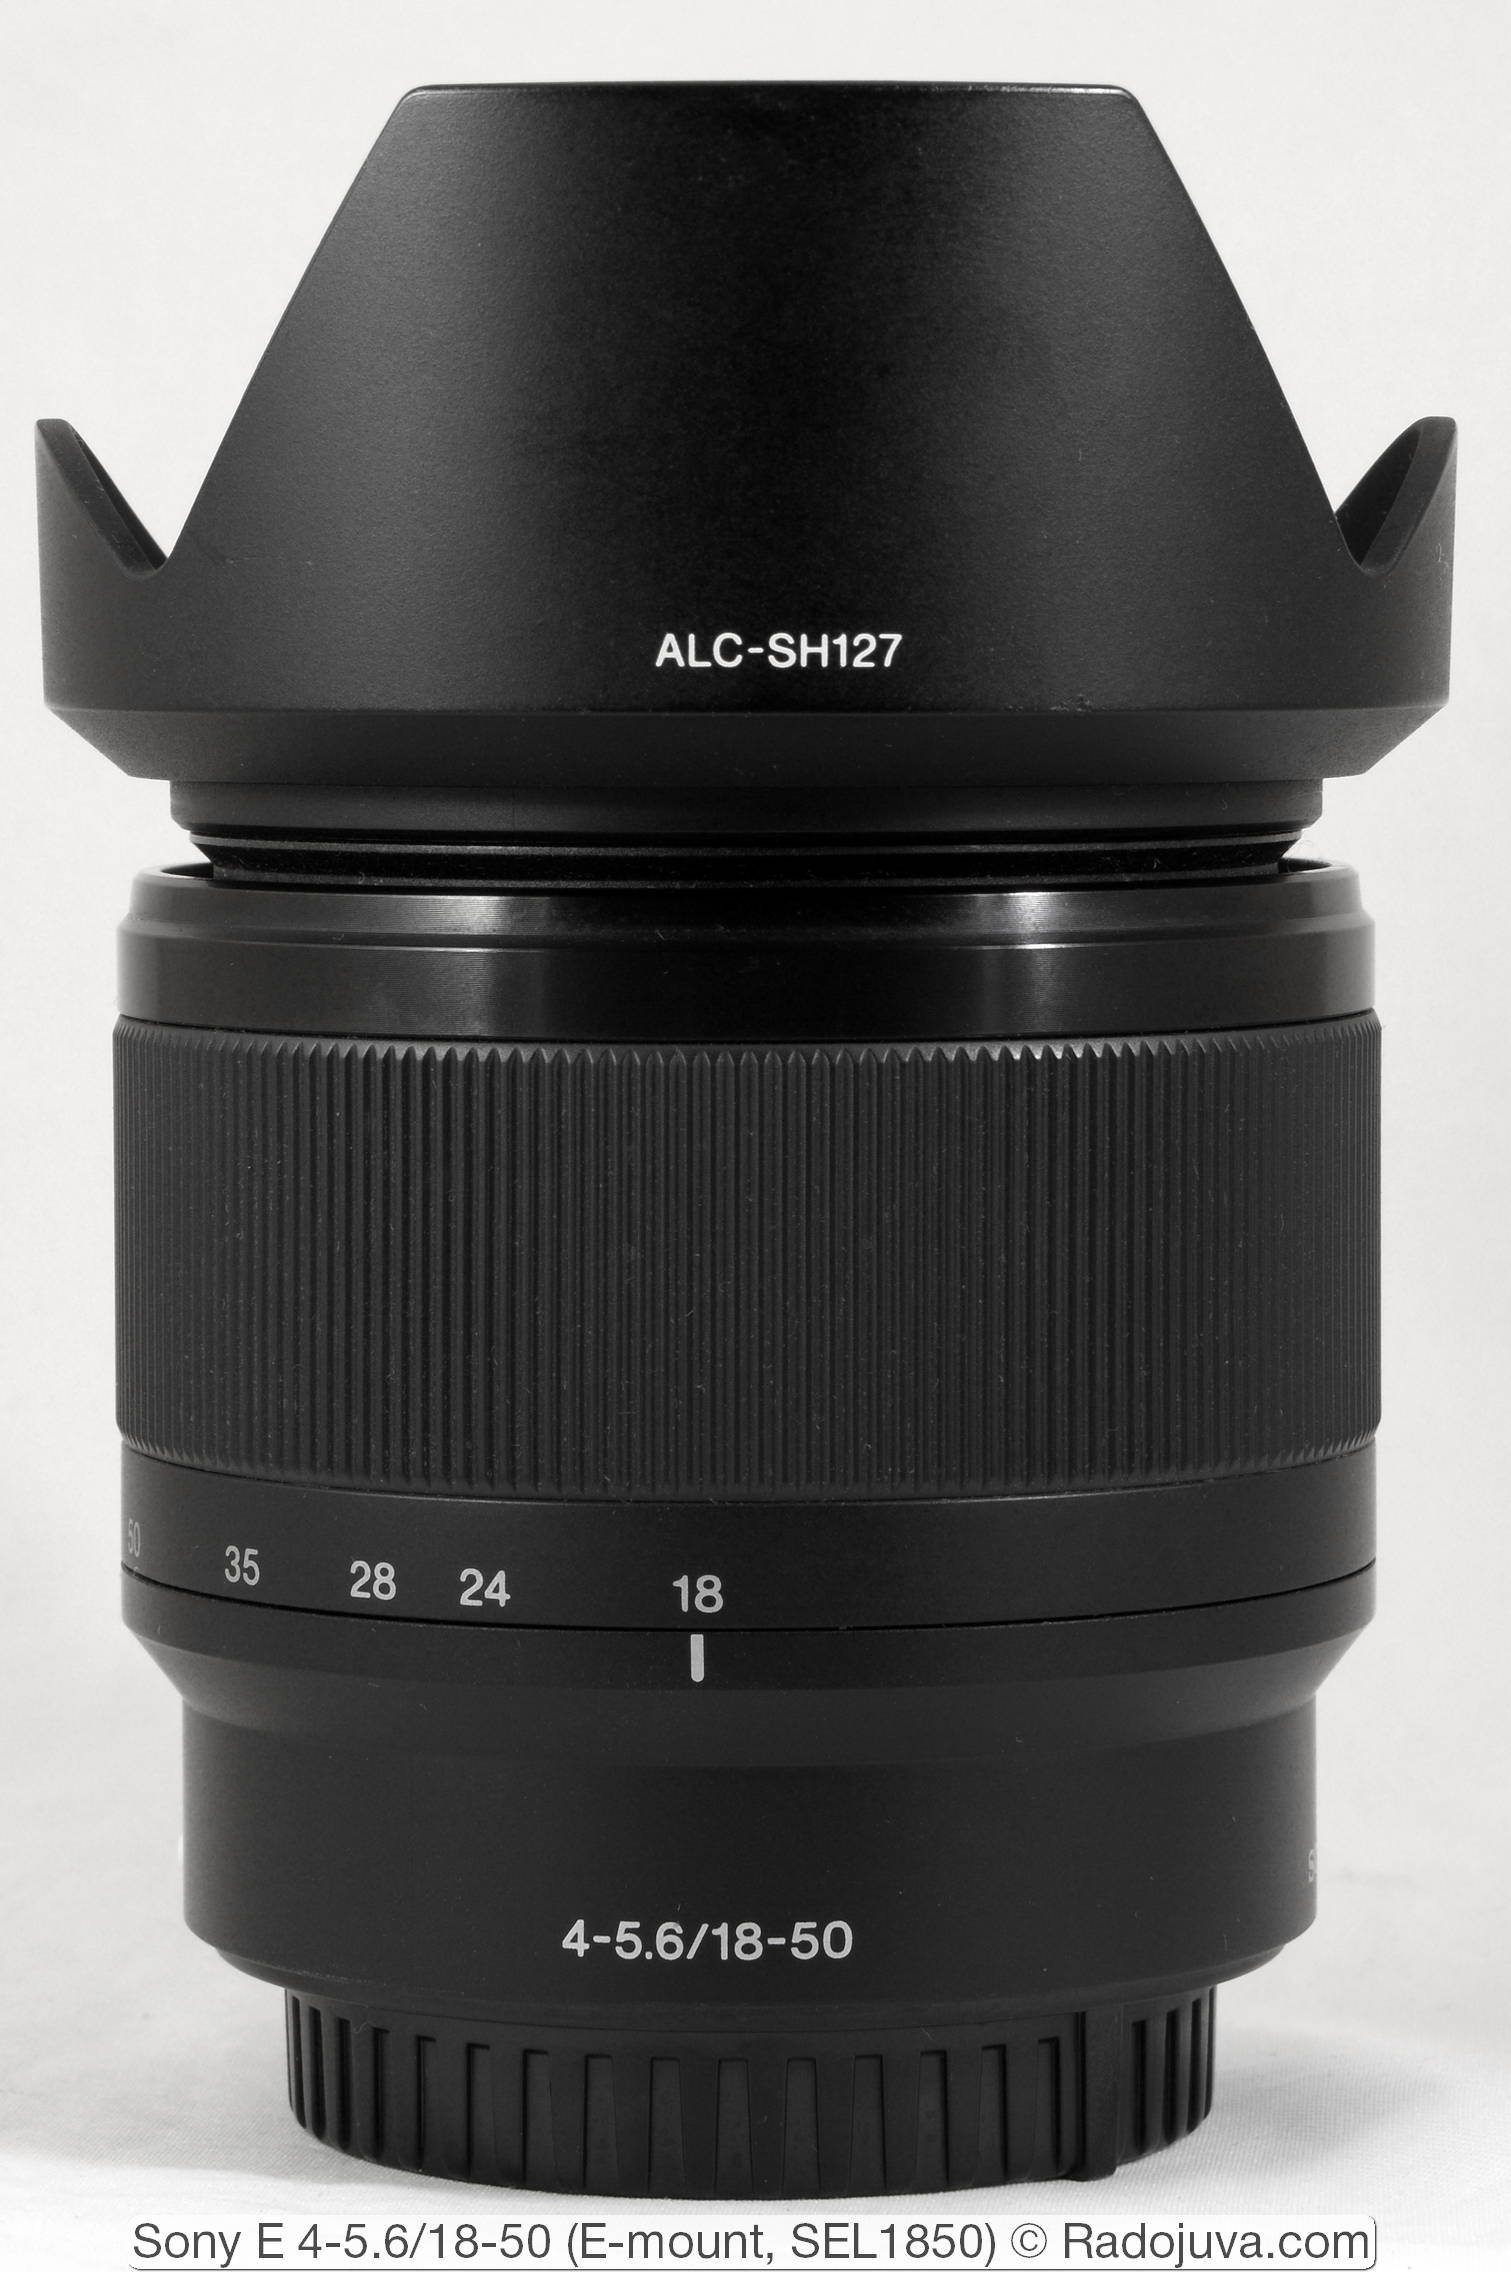 Sony E 4-5.6/18-50 (E-mount, SEL1850)